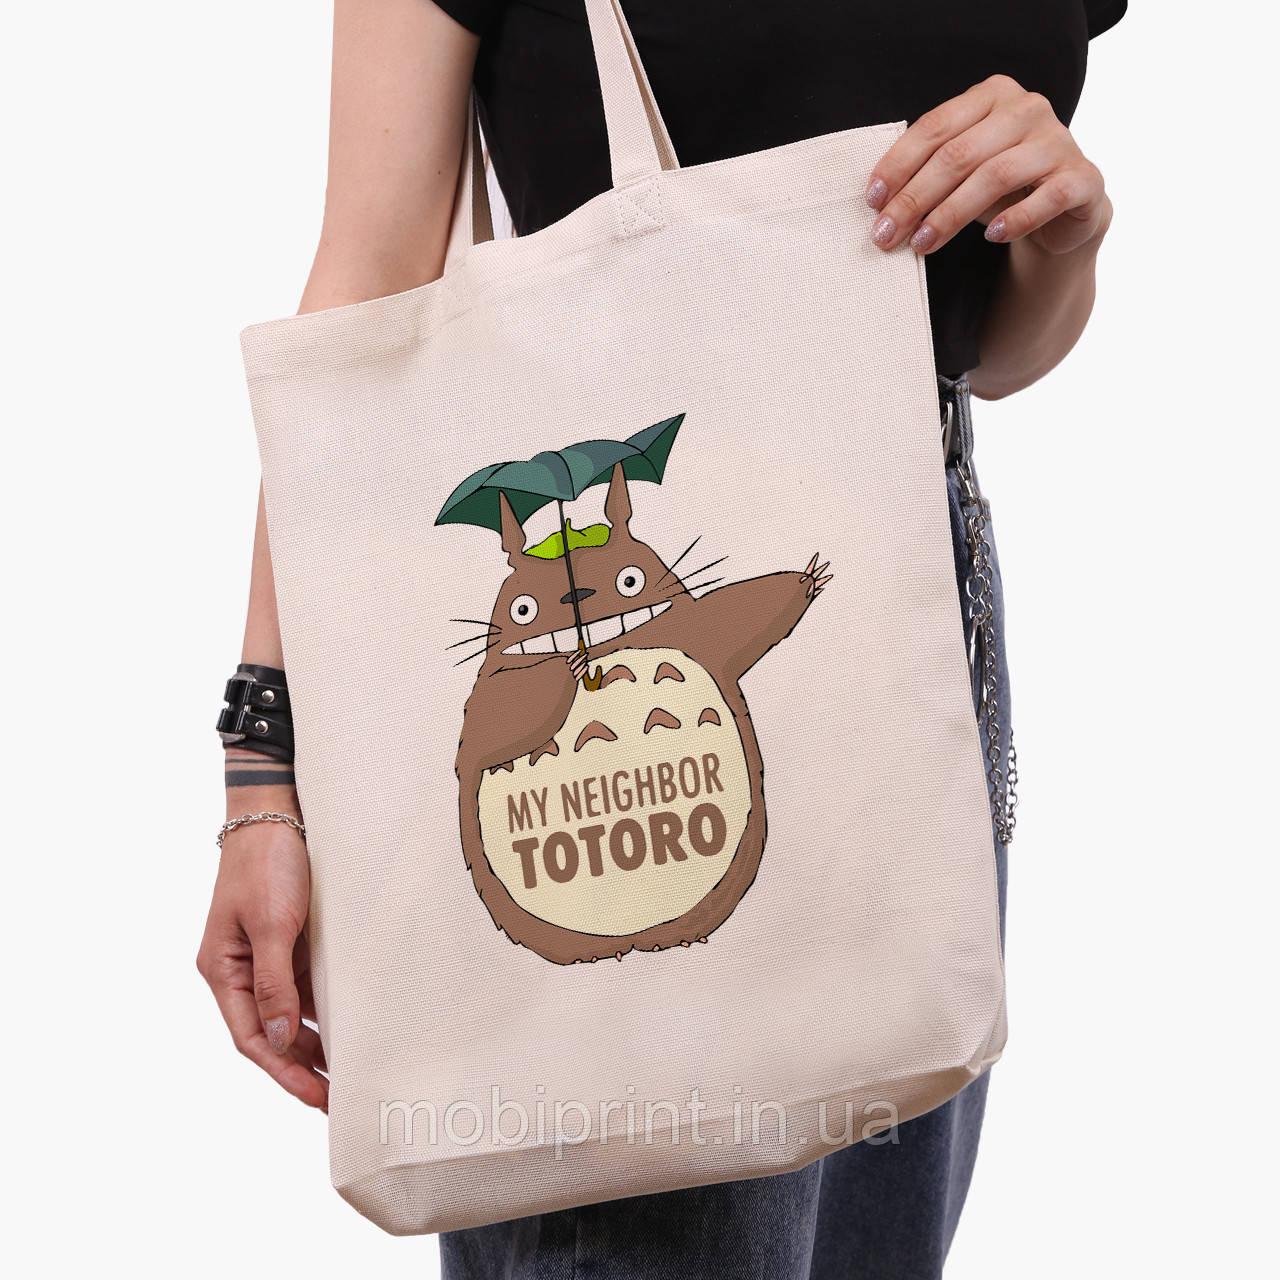 Еко сумка шоппер біла Мій сусід Тоторо (My Neighbor Totoro) (9227-2656-1) 41*39*8 см